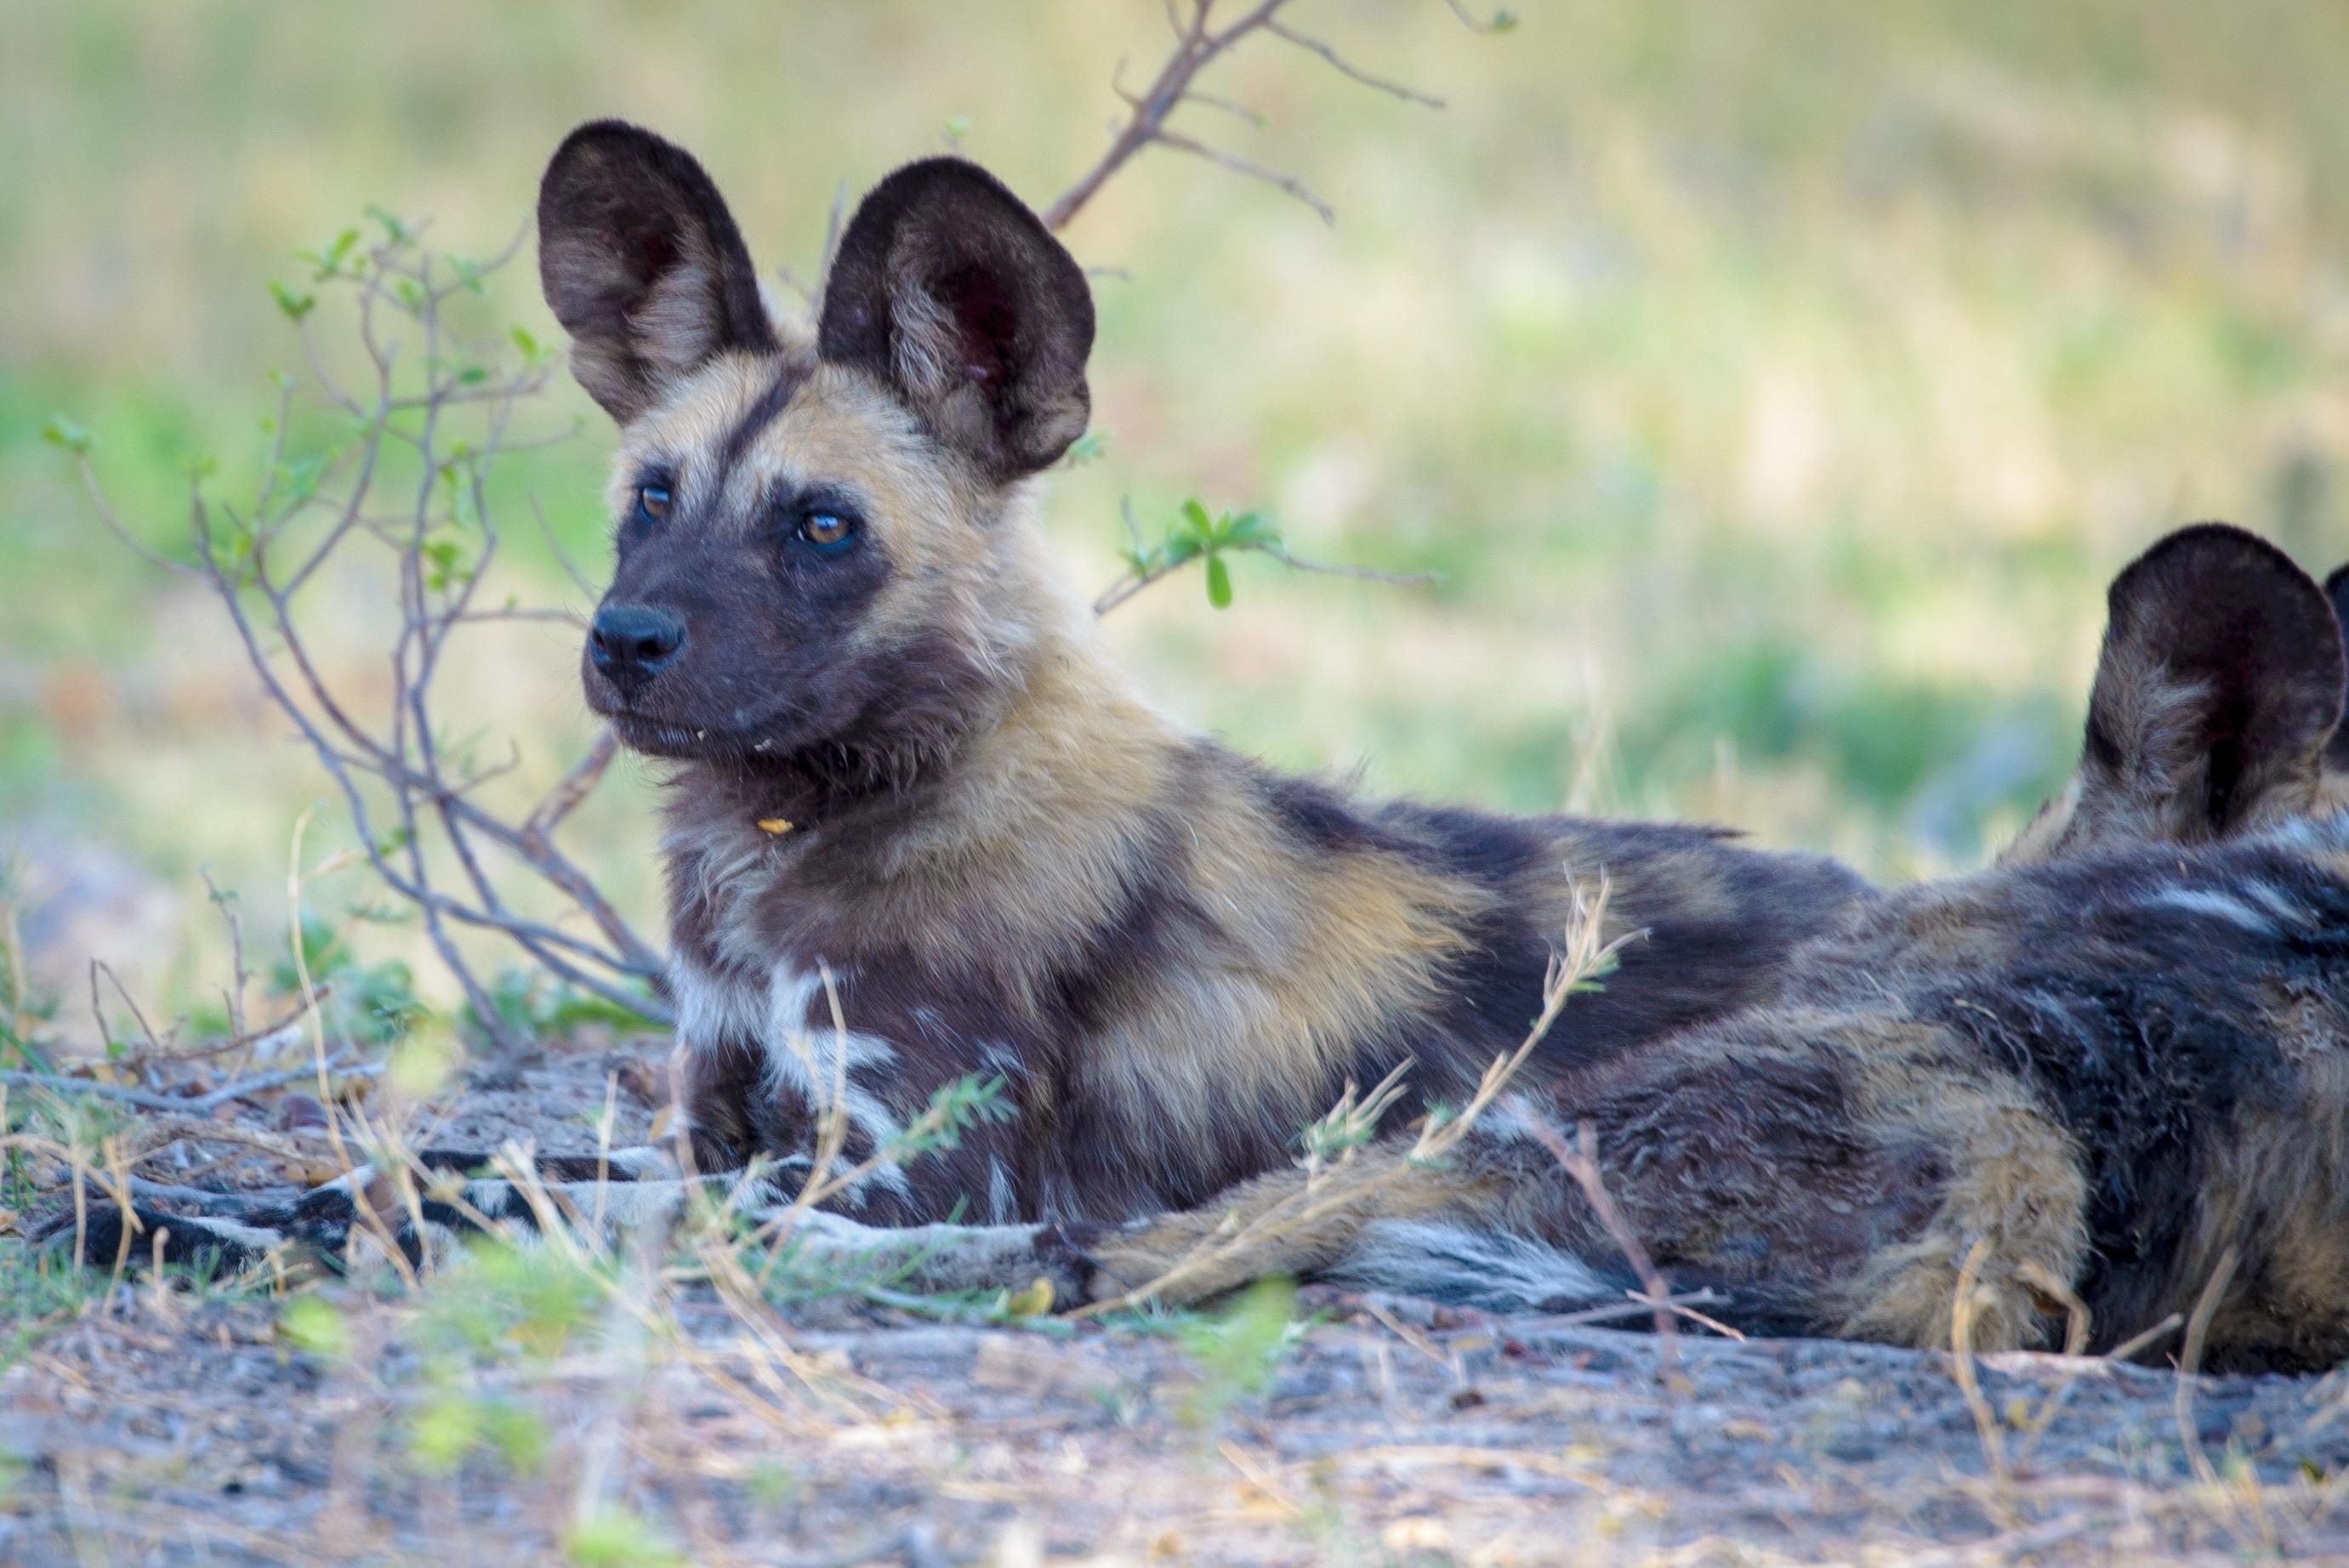 Chien Peint images gratuites : animal, faune, vertébré, botswana, race de chien